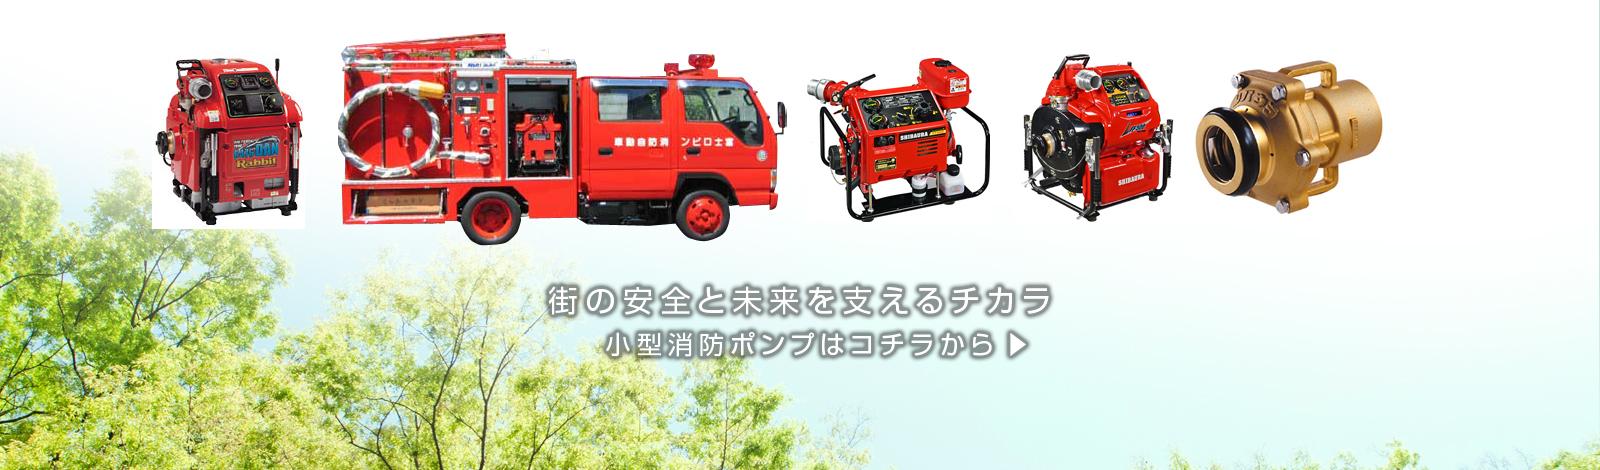 株式会社ツクモ小型消防ポンプ